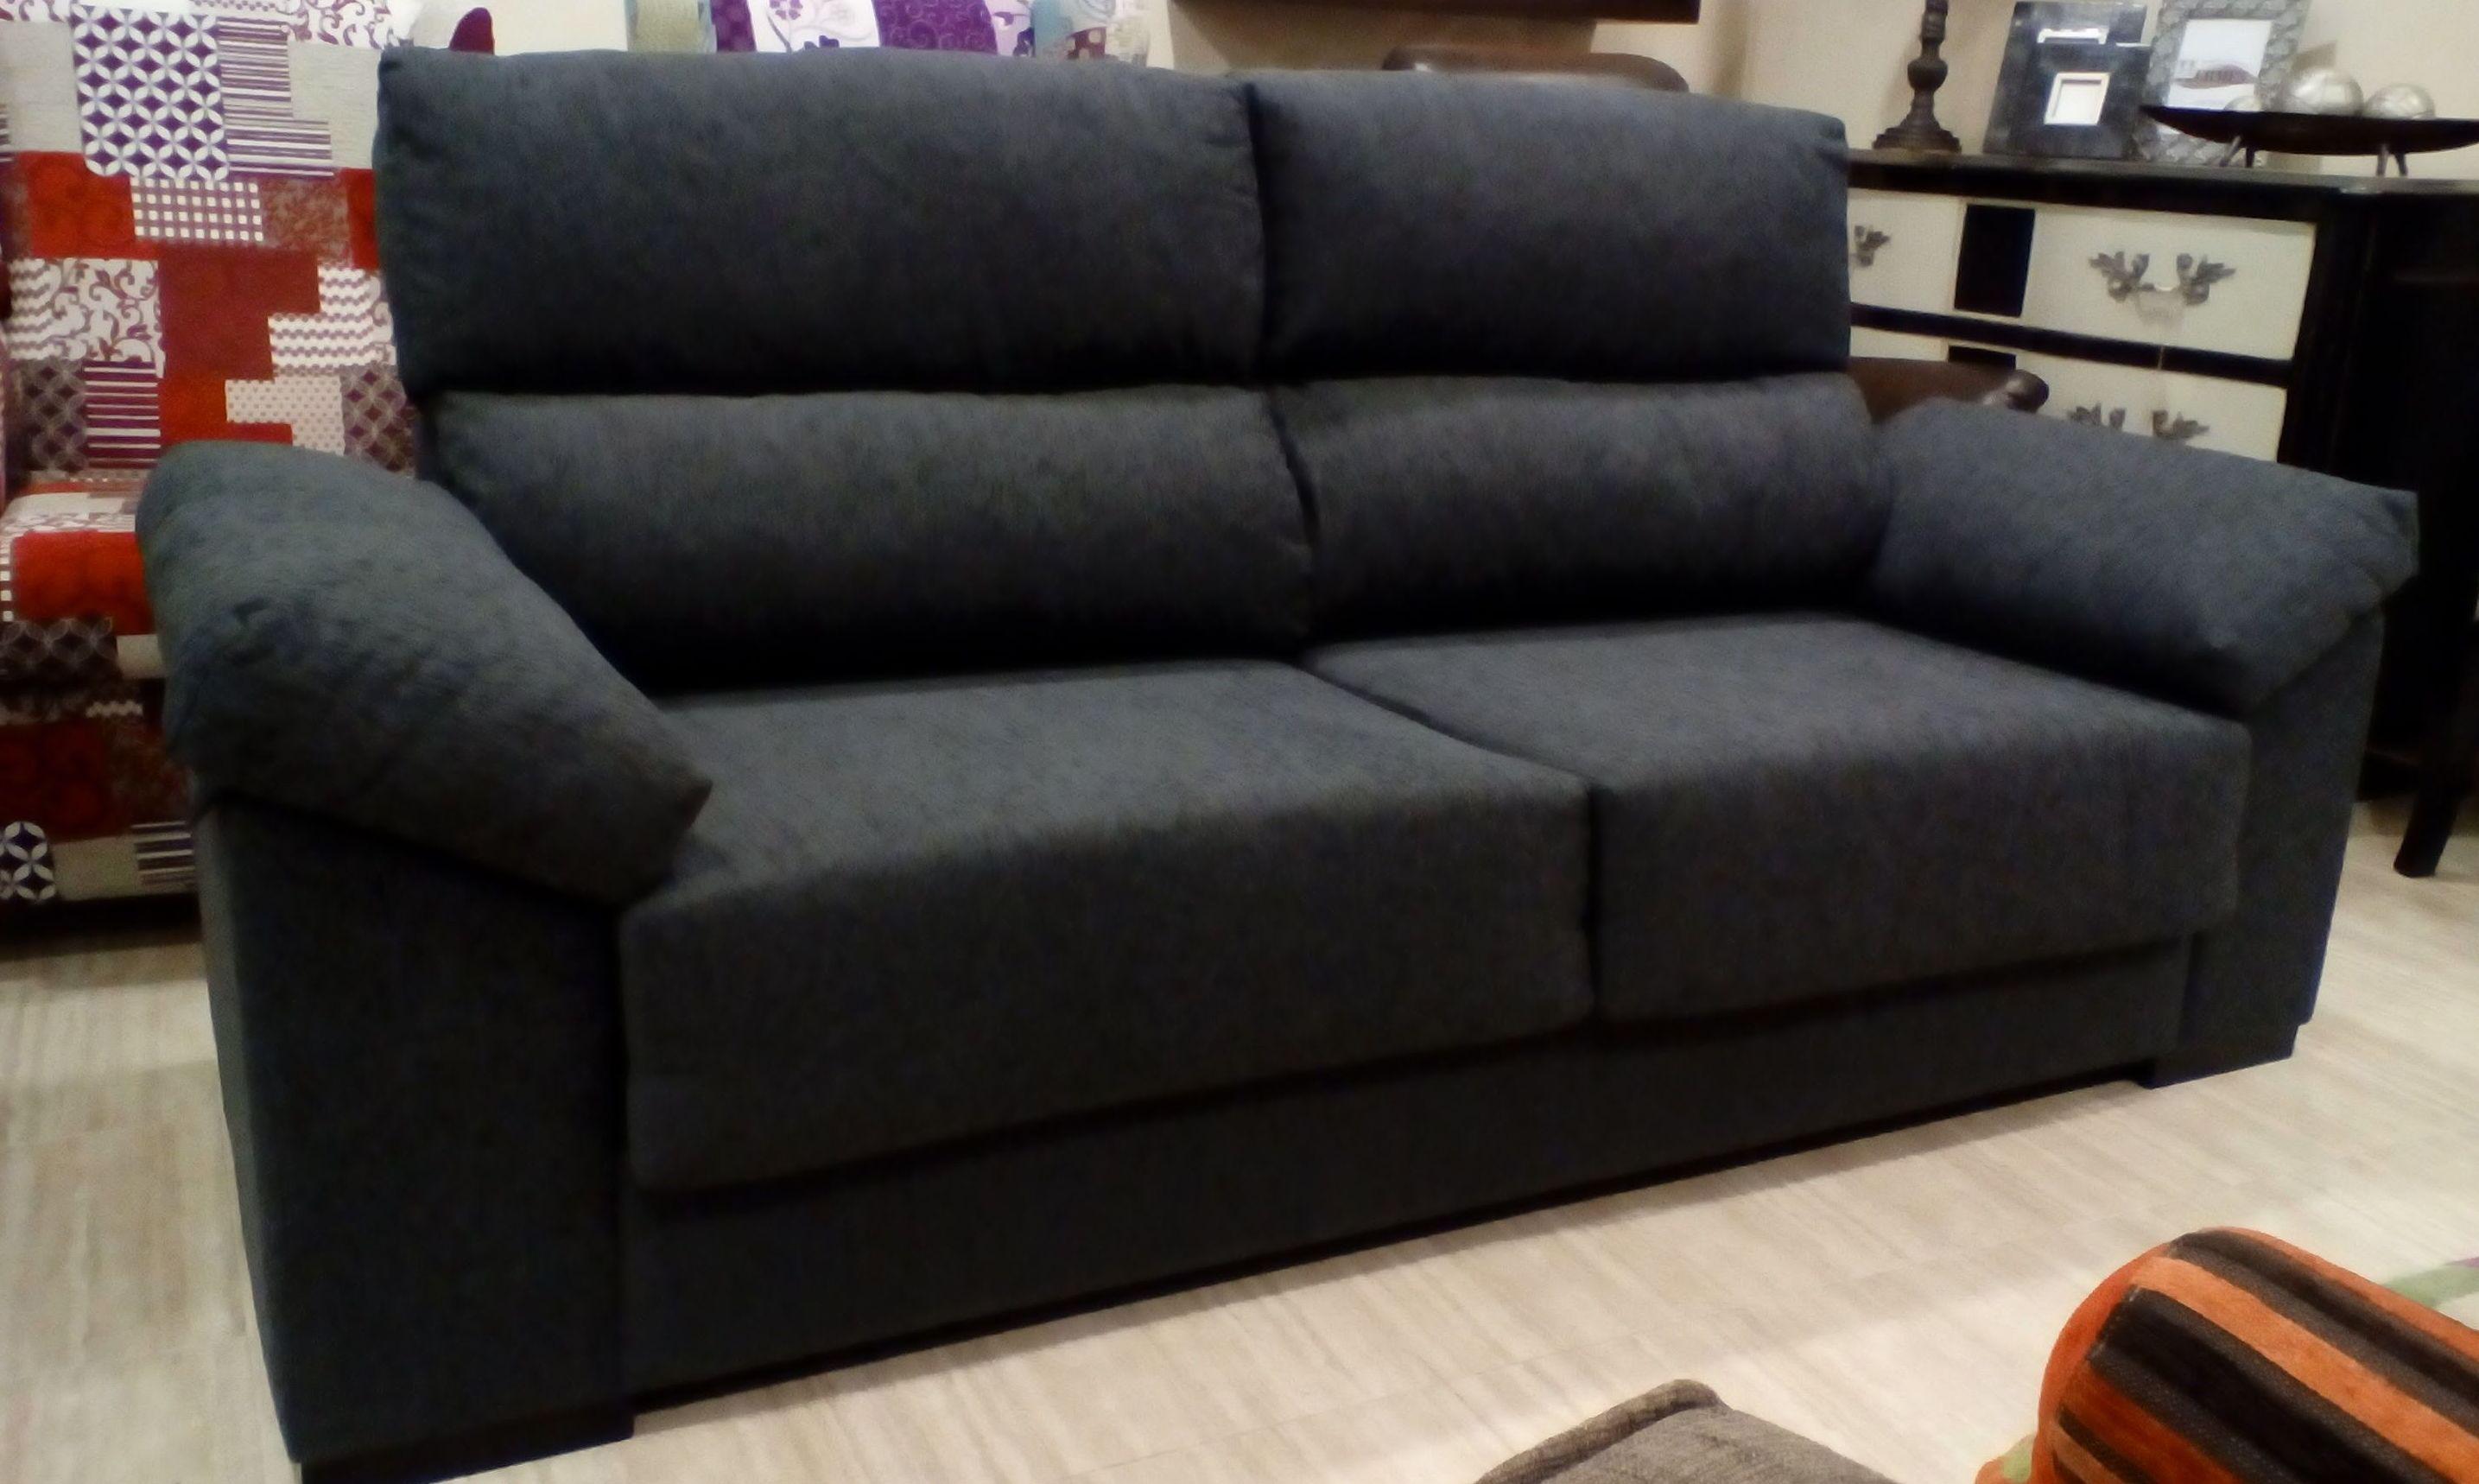 Oferta Sofá de 3 plazas!! con asientos deslizantes y respaldos reclinables por 415€